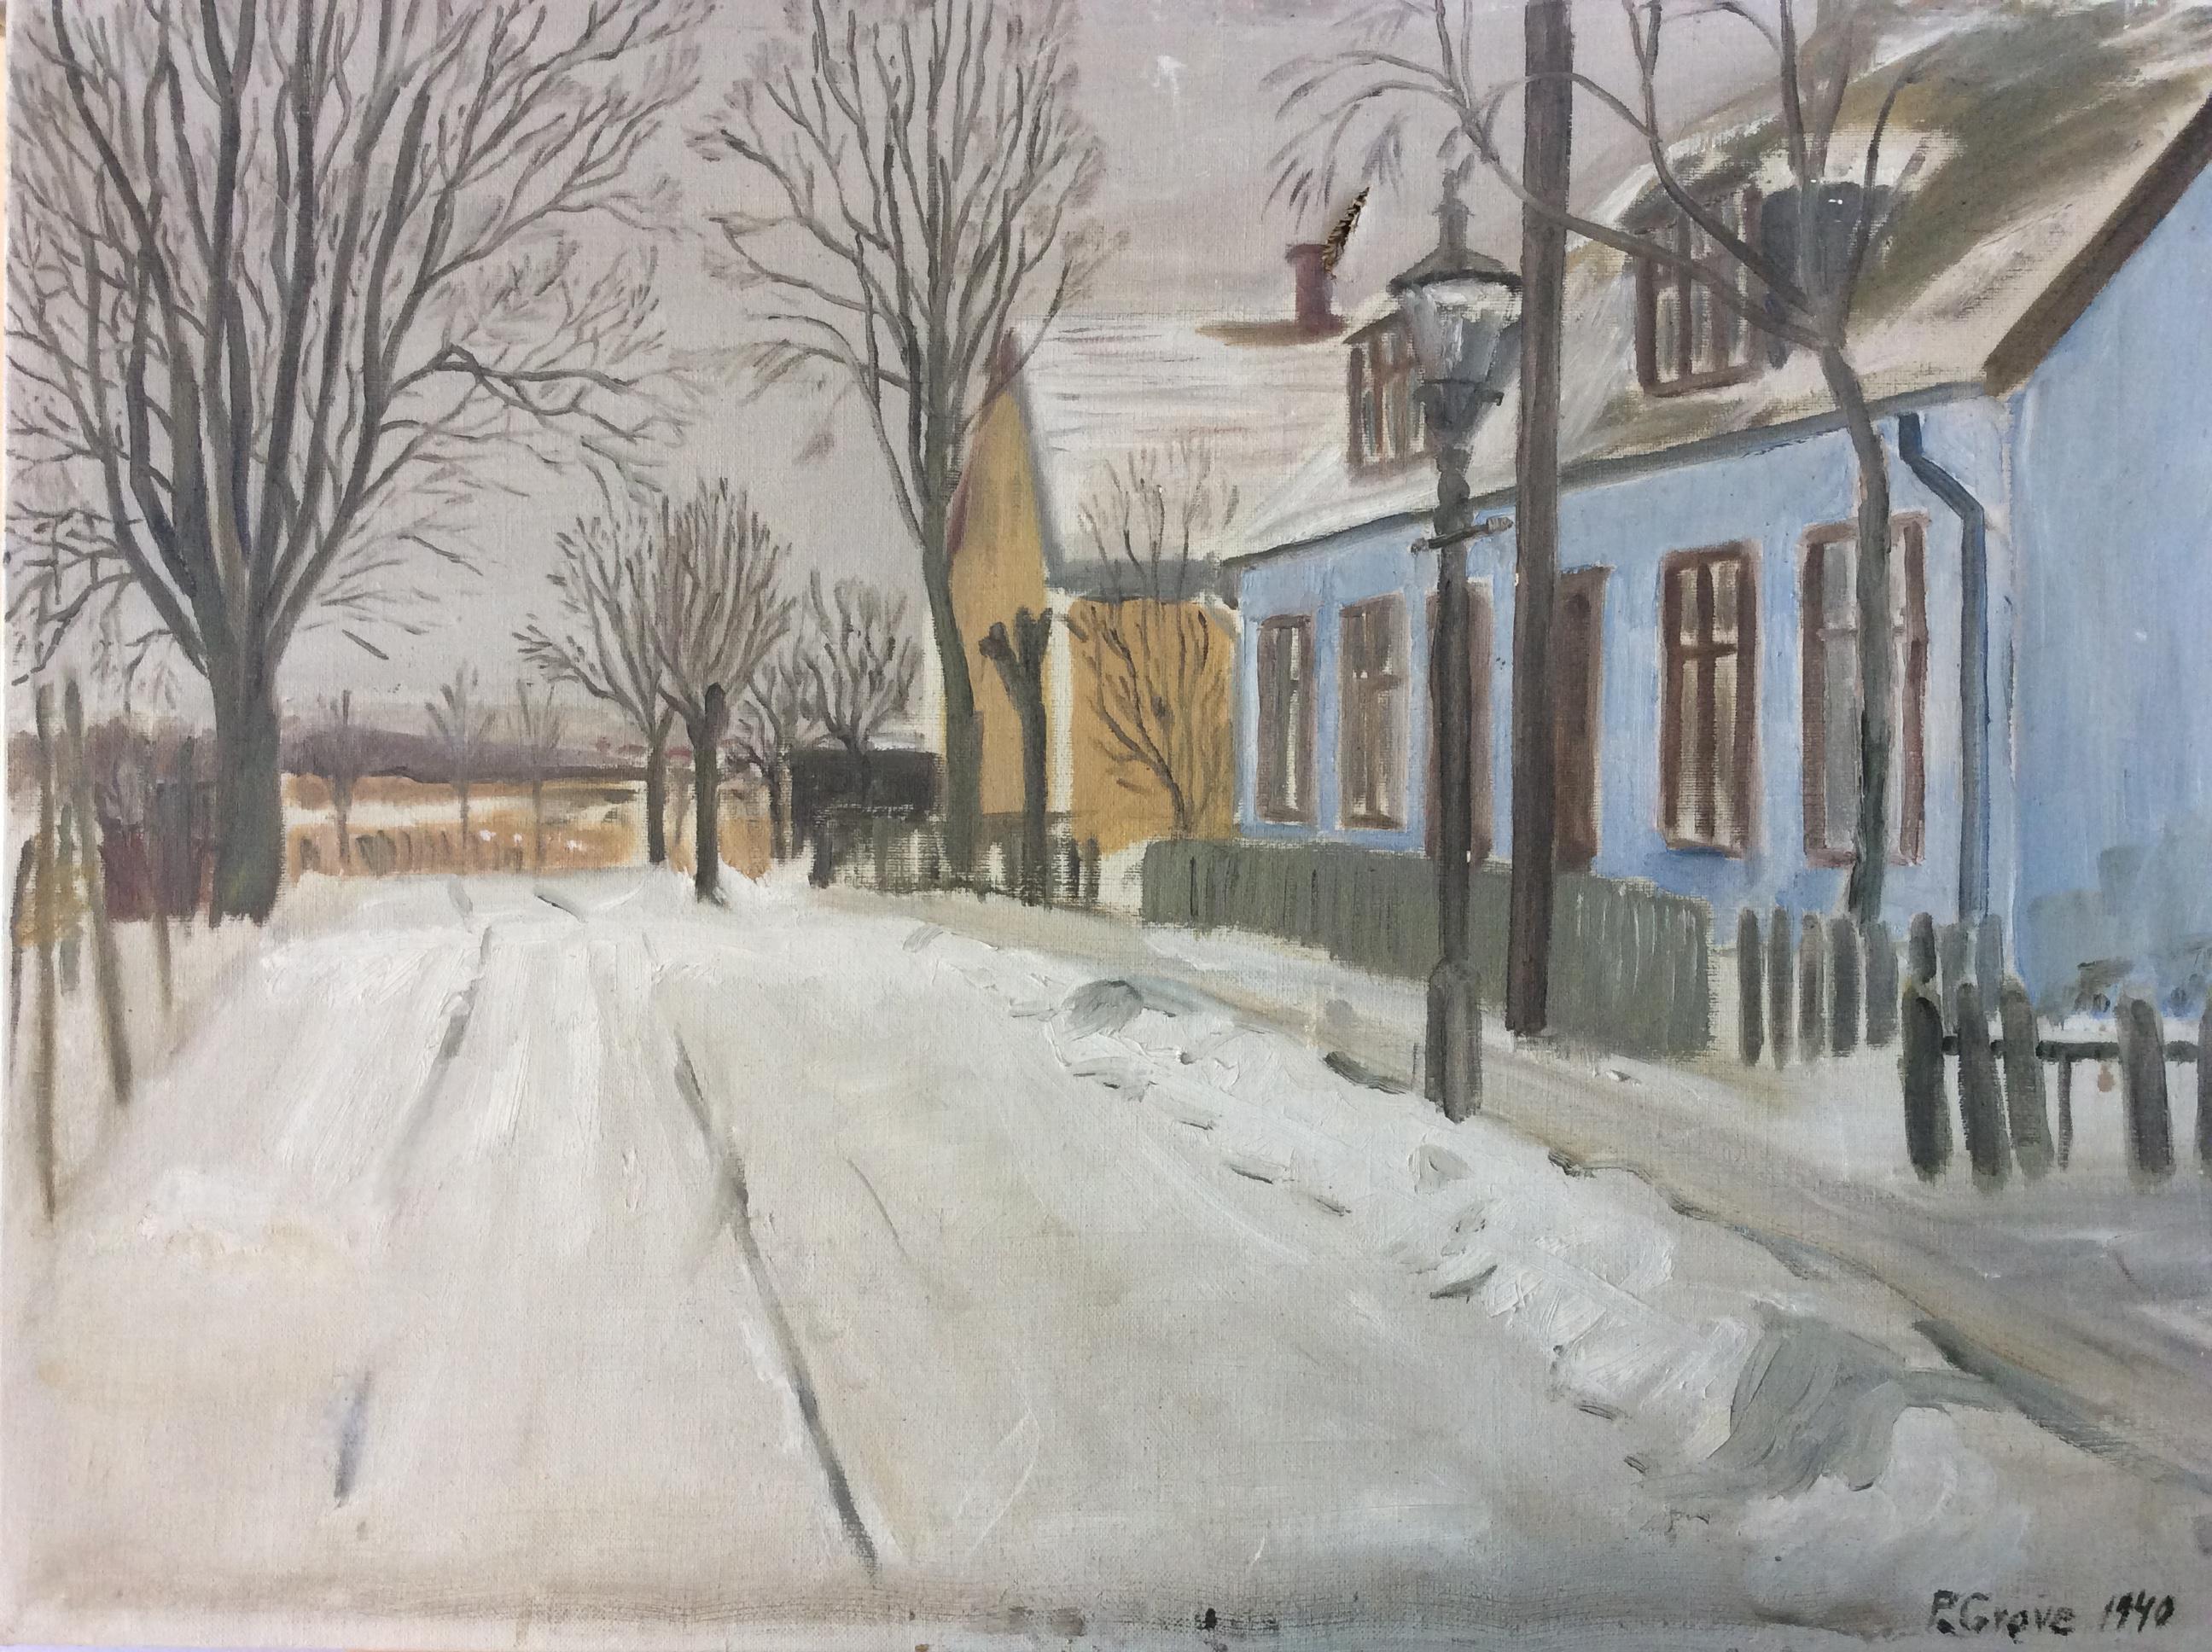 Oliemaleri, motivet er muligvis fra Nyhuse, 1940